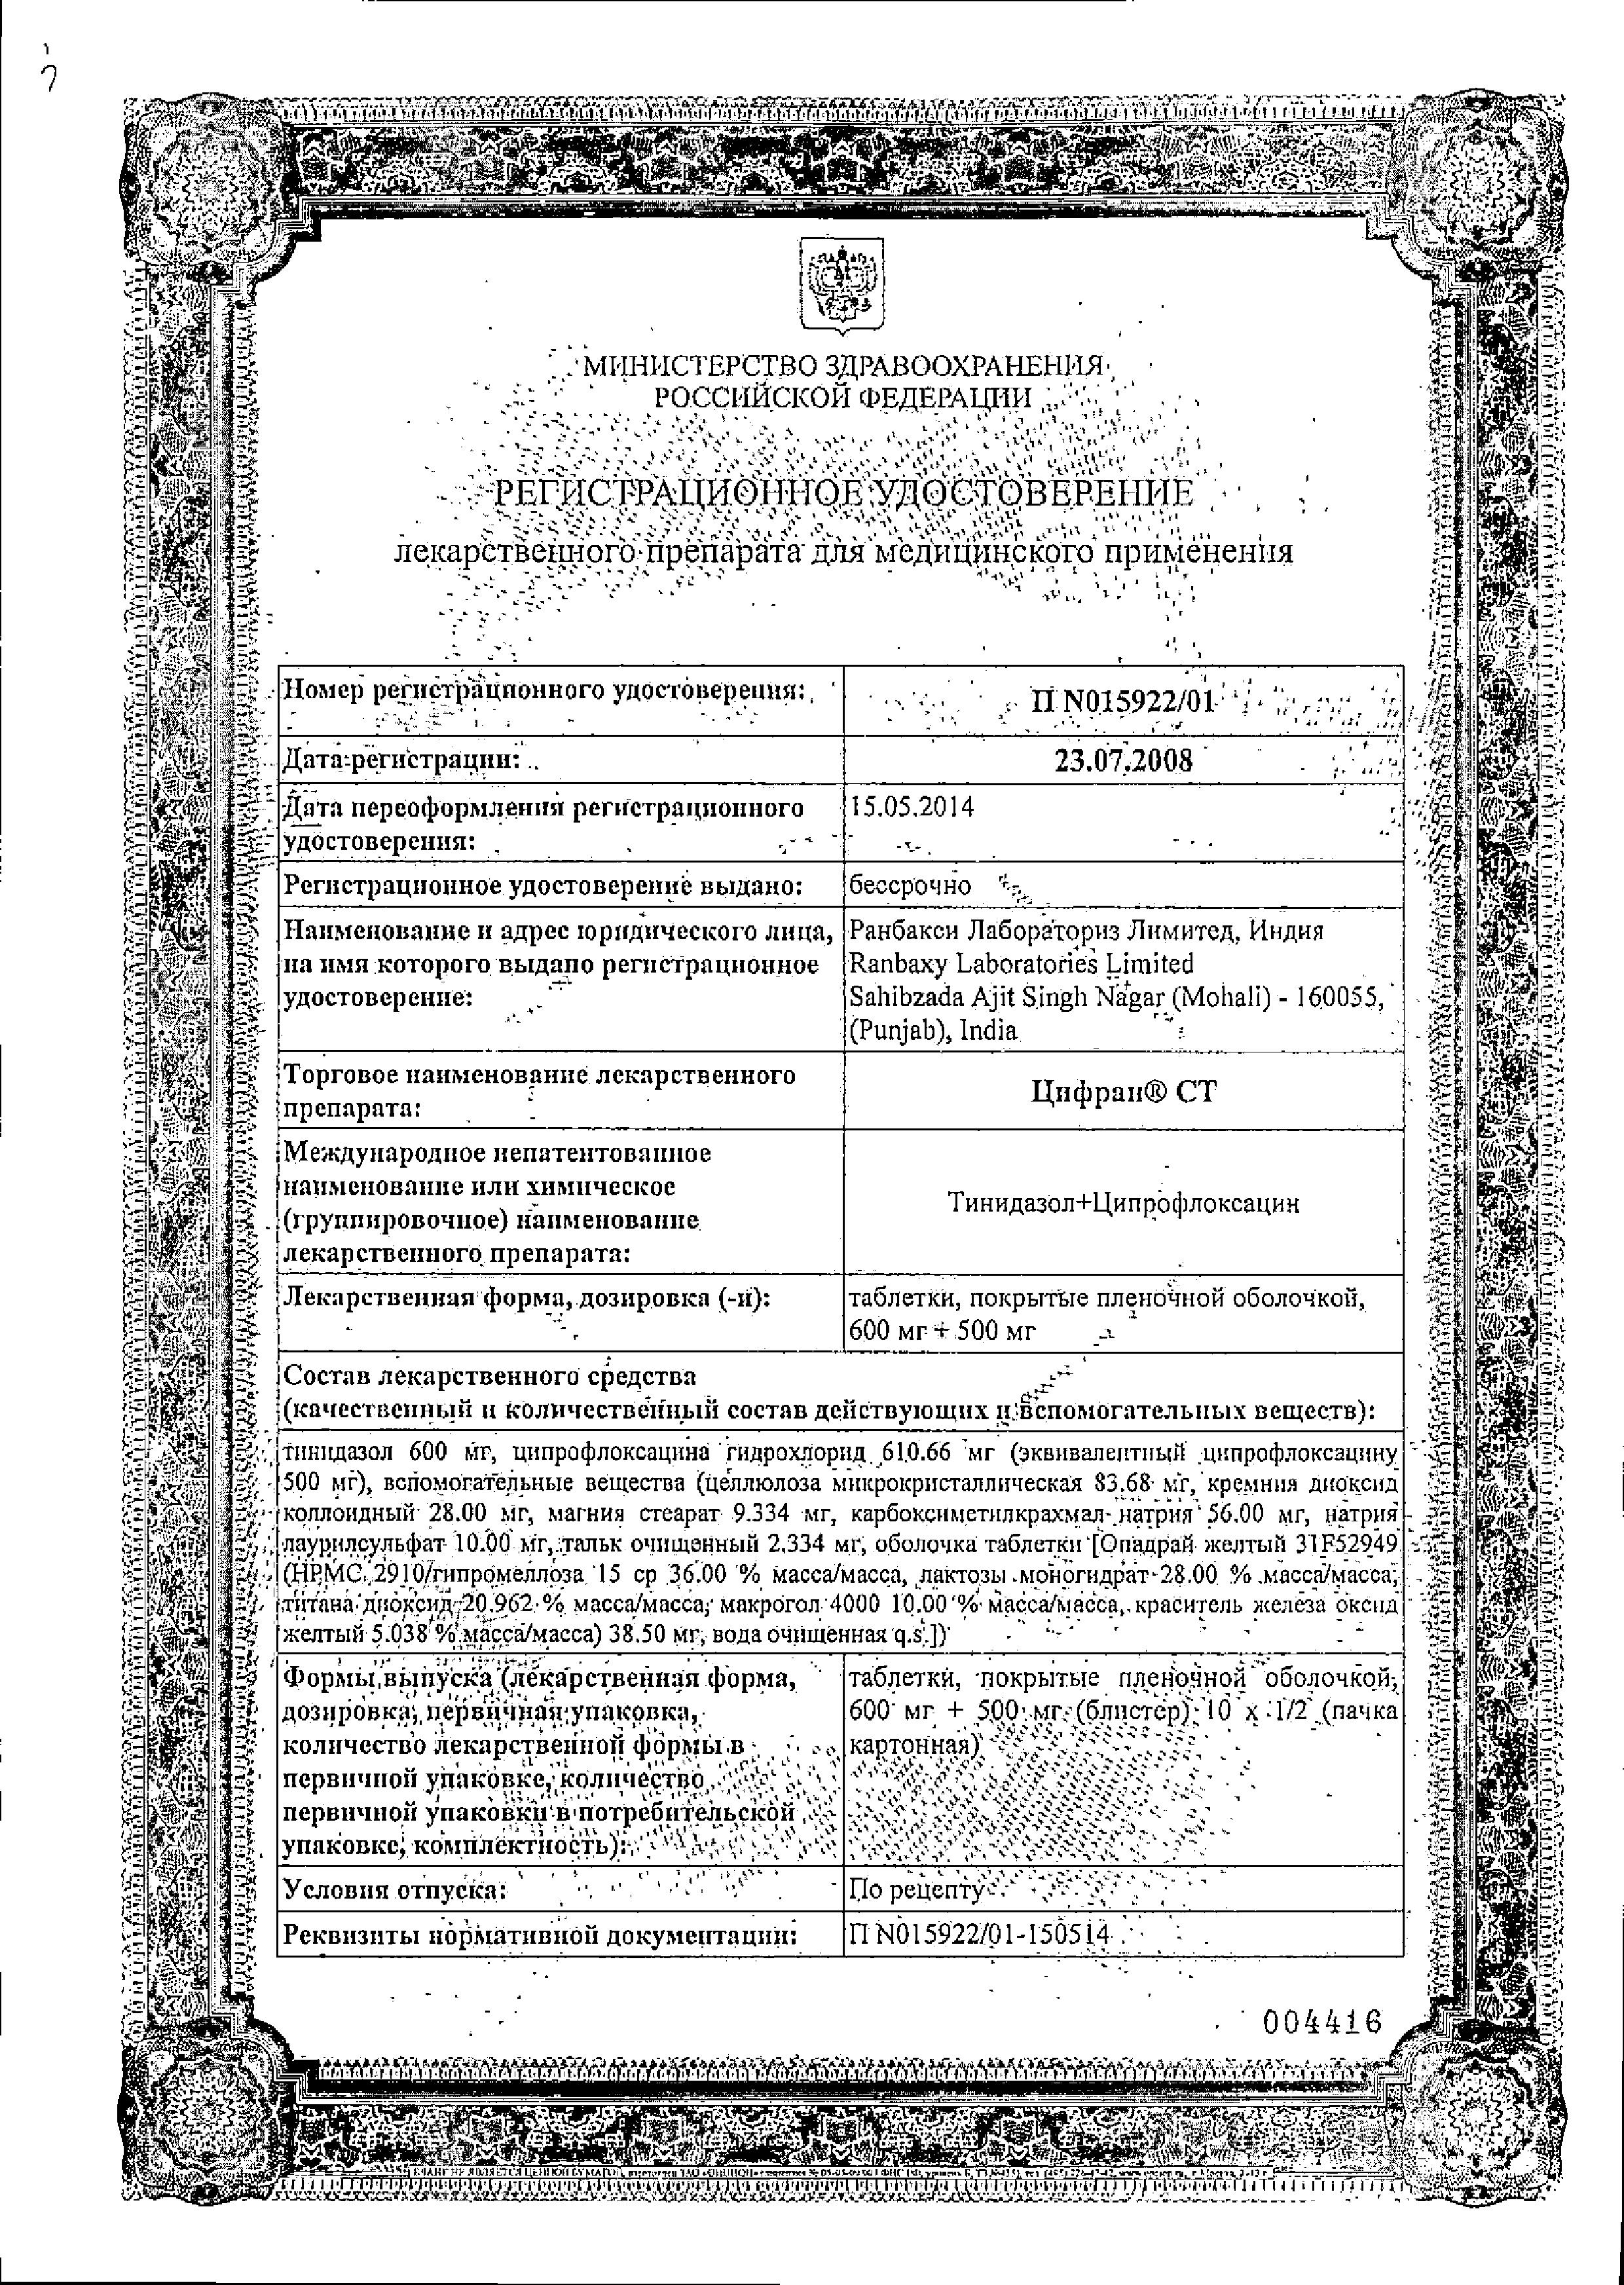 Цифран СТ сертификат